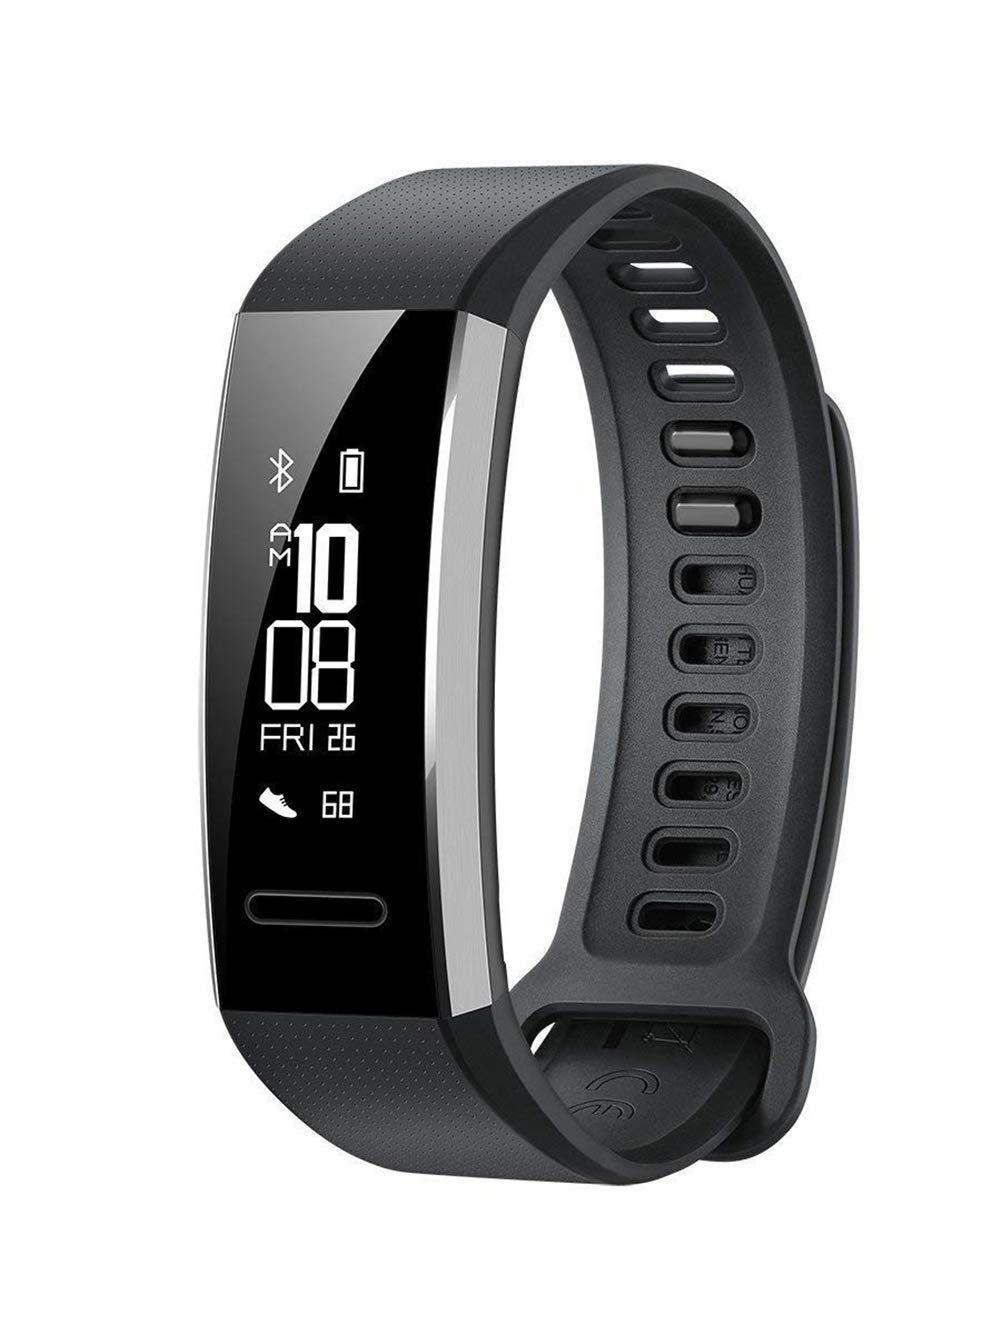 Noir  WSDSX Tracker d'activité Smart Bracelet de Fitness   GPS   Mode Multisport   Fréquence Cardiaque   Moniteur de Sommeil   IPX5 étanche